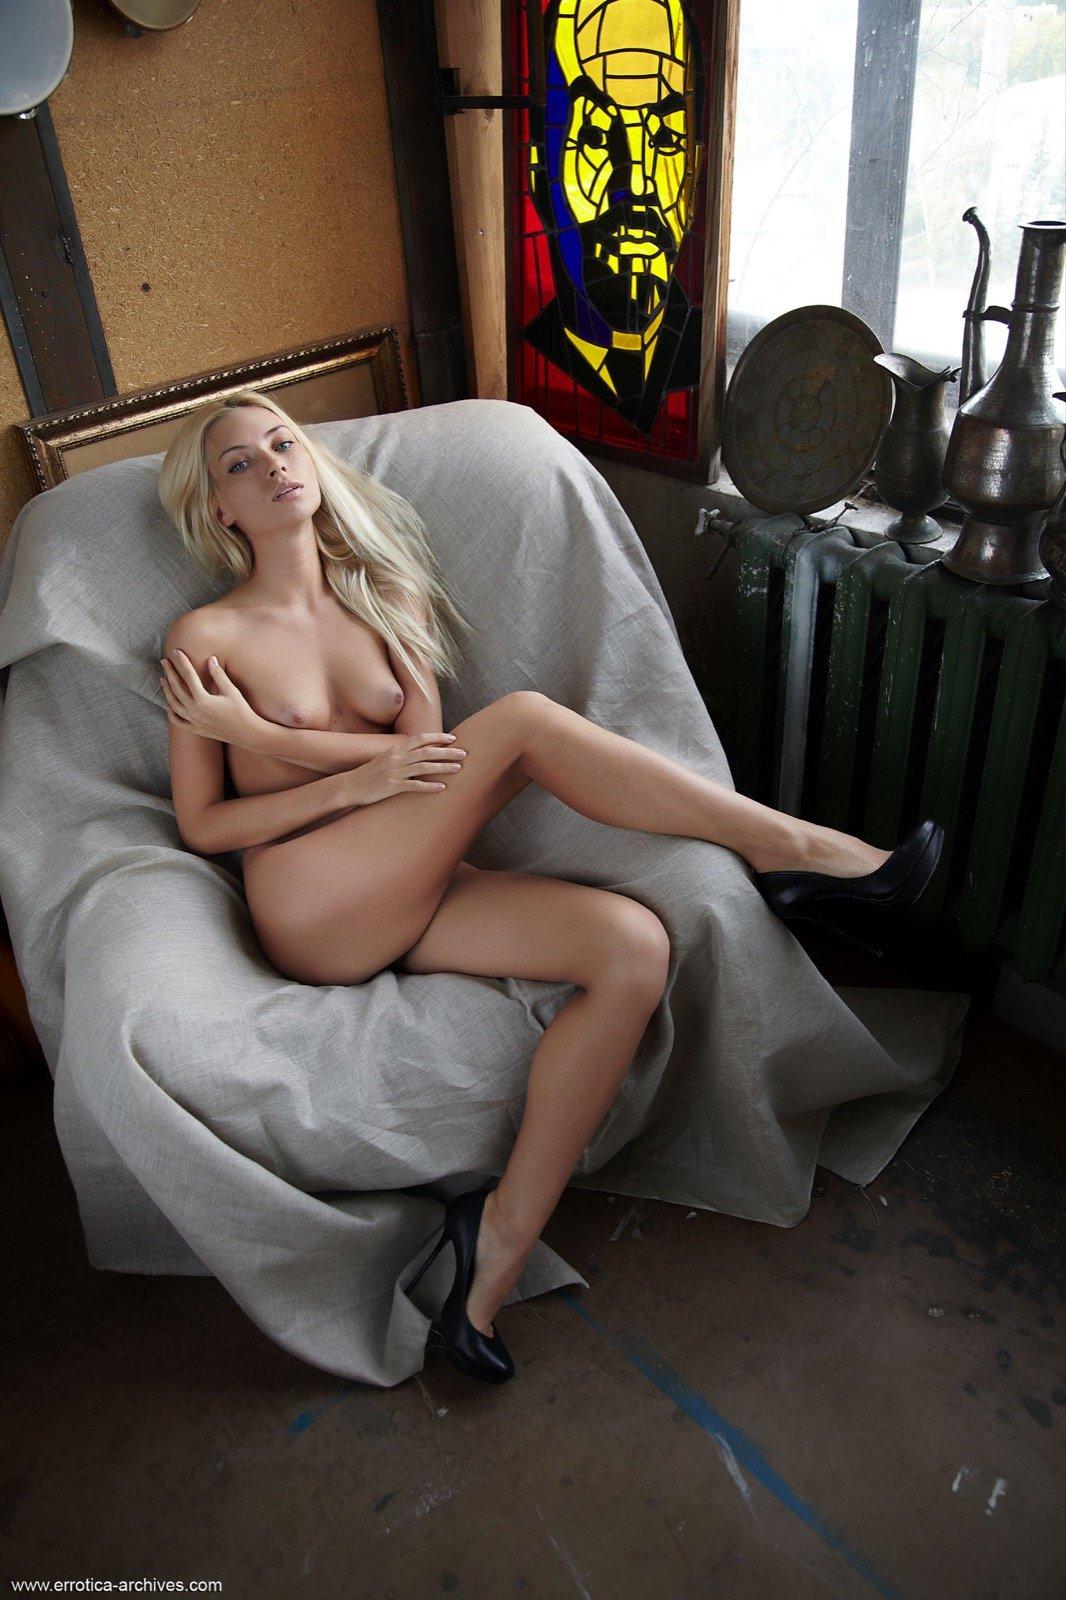 Голая блондиночка в туфлях раздвигает ножки в кресле